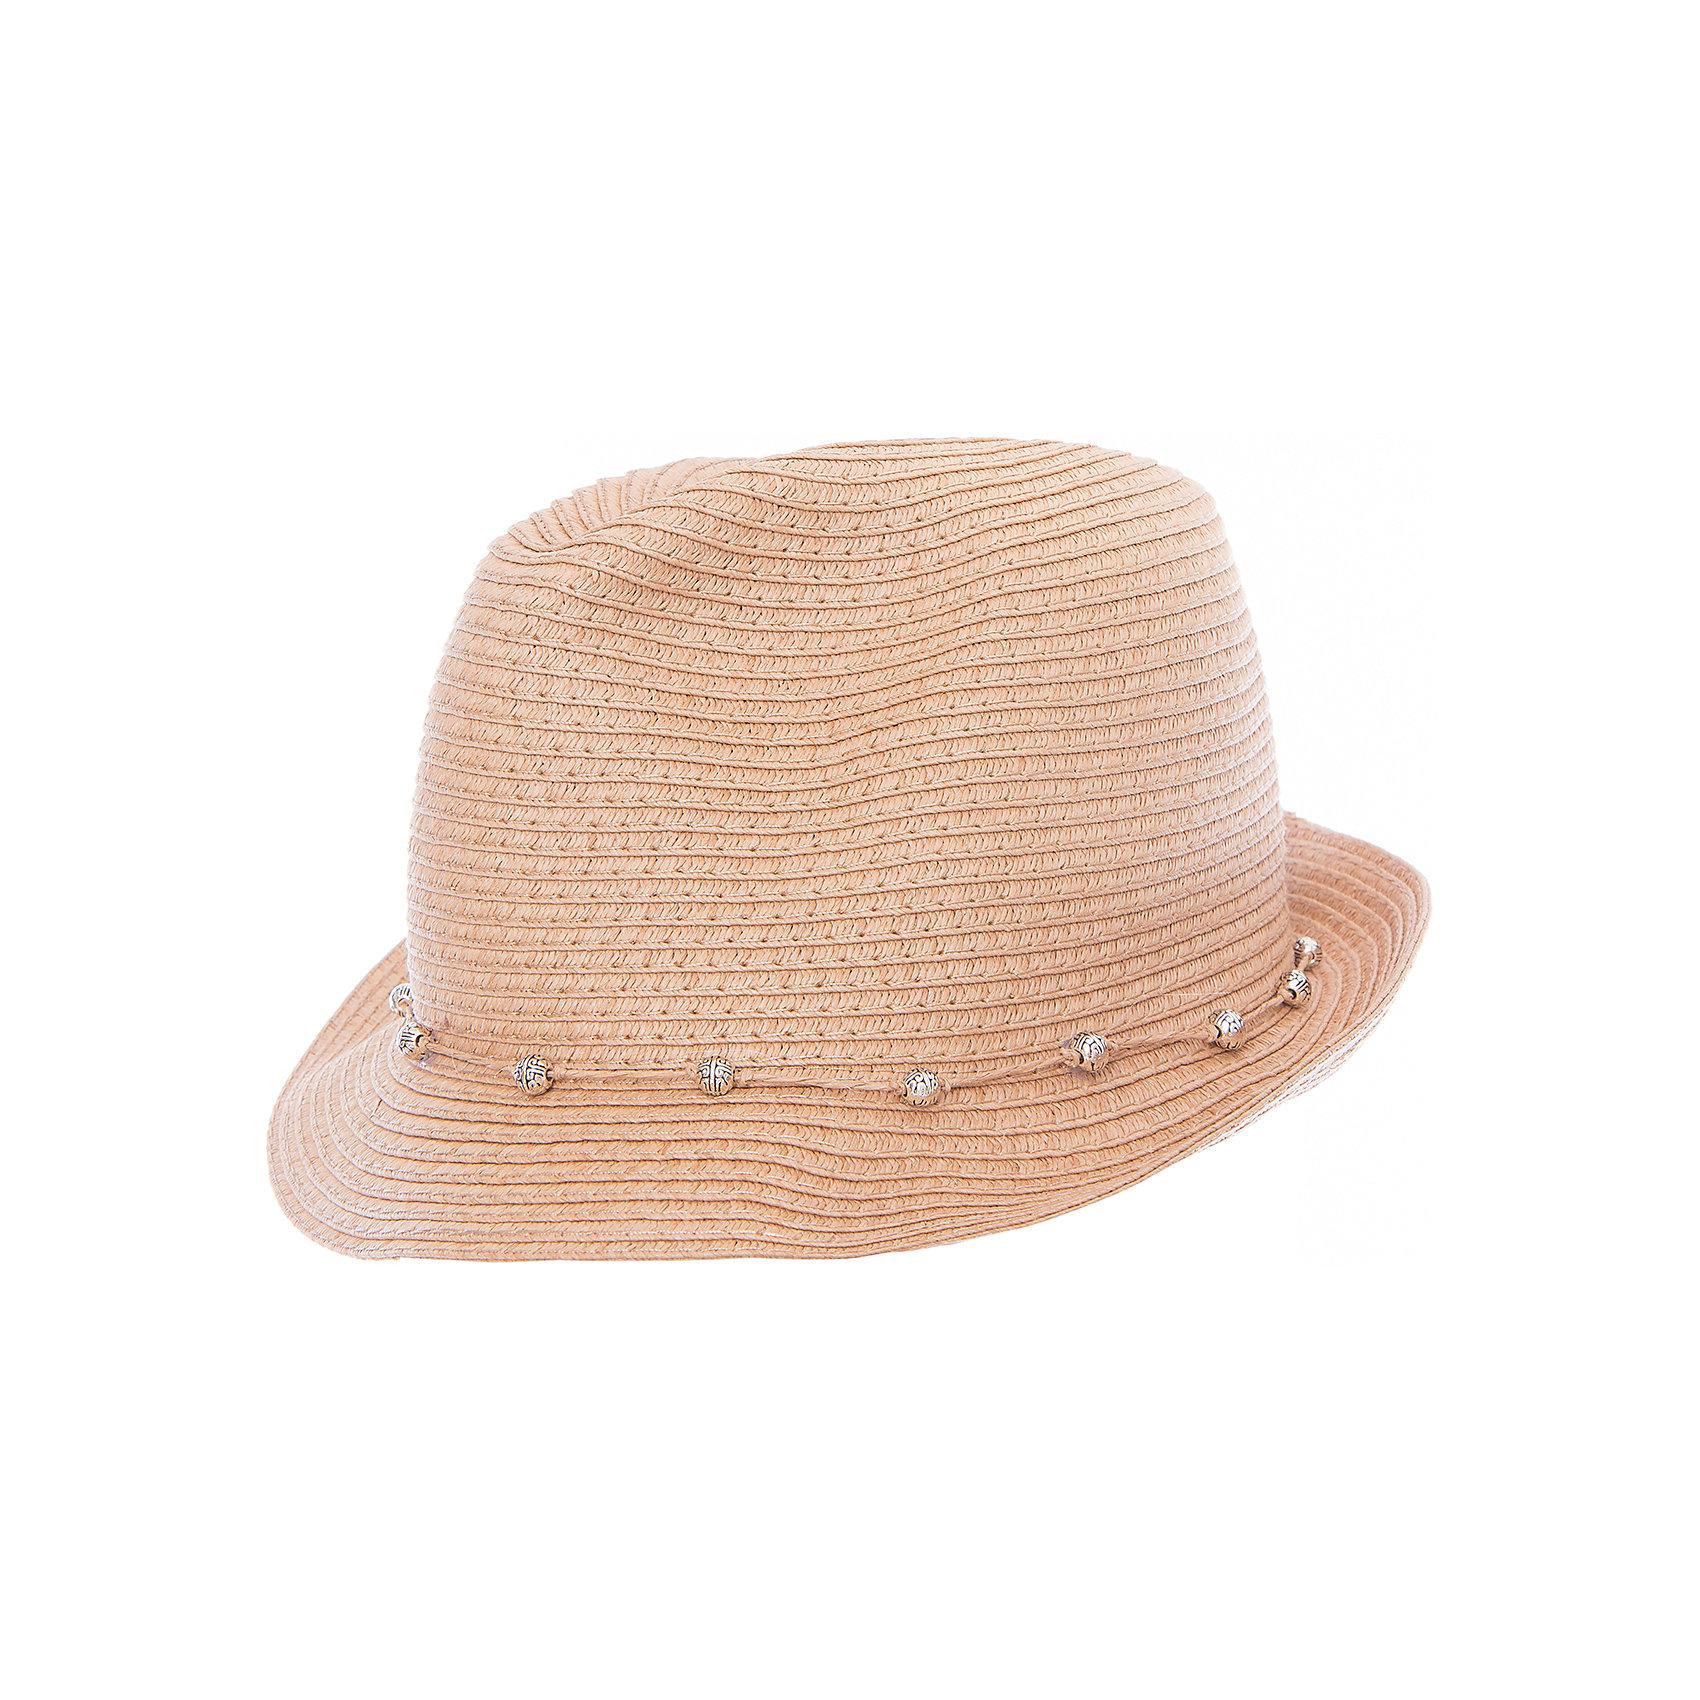 Шляпа для девочки ScoolШляпа для девочки Scool<br>Эффектная шляпа из бумажной соломки прекрасно подойдет для прогулок в жаркую погоду. Декорирована контрастными бусинами.<br>Состав:<br>100% бумажная соломка<br><br>Ширина мм: 89<br>Глубина мм: 117<br>Высота мм: 44<br>Вес г: 155<br>Цвет: светло-коричневый<br>Возраст от месяцев: 60<br>Возраст до месяцев: 72<br>Пол: Женский<br>Возраст: Детский<br>Размер: 56,54<br>SKU: 5407074